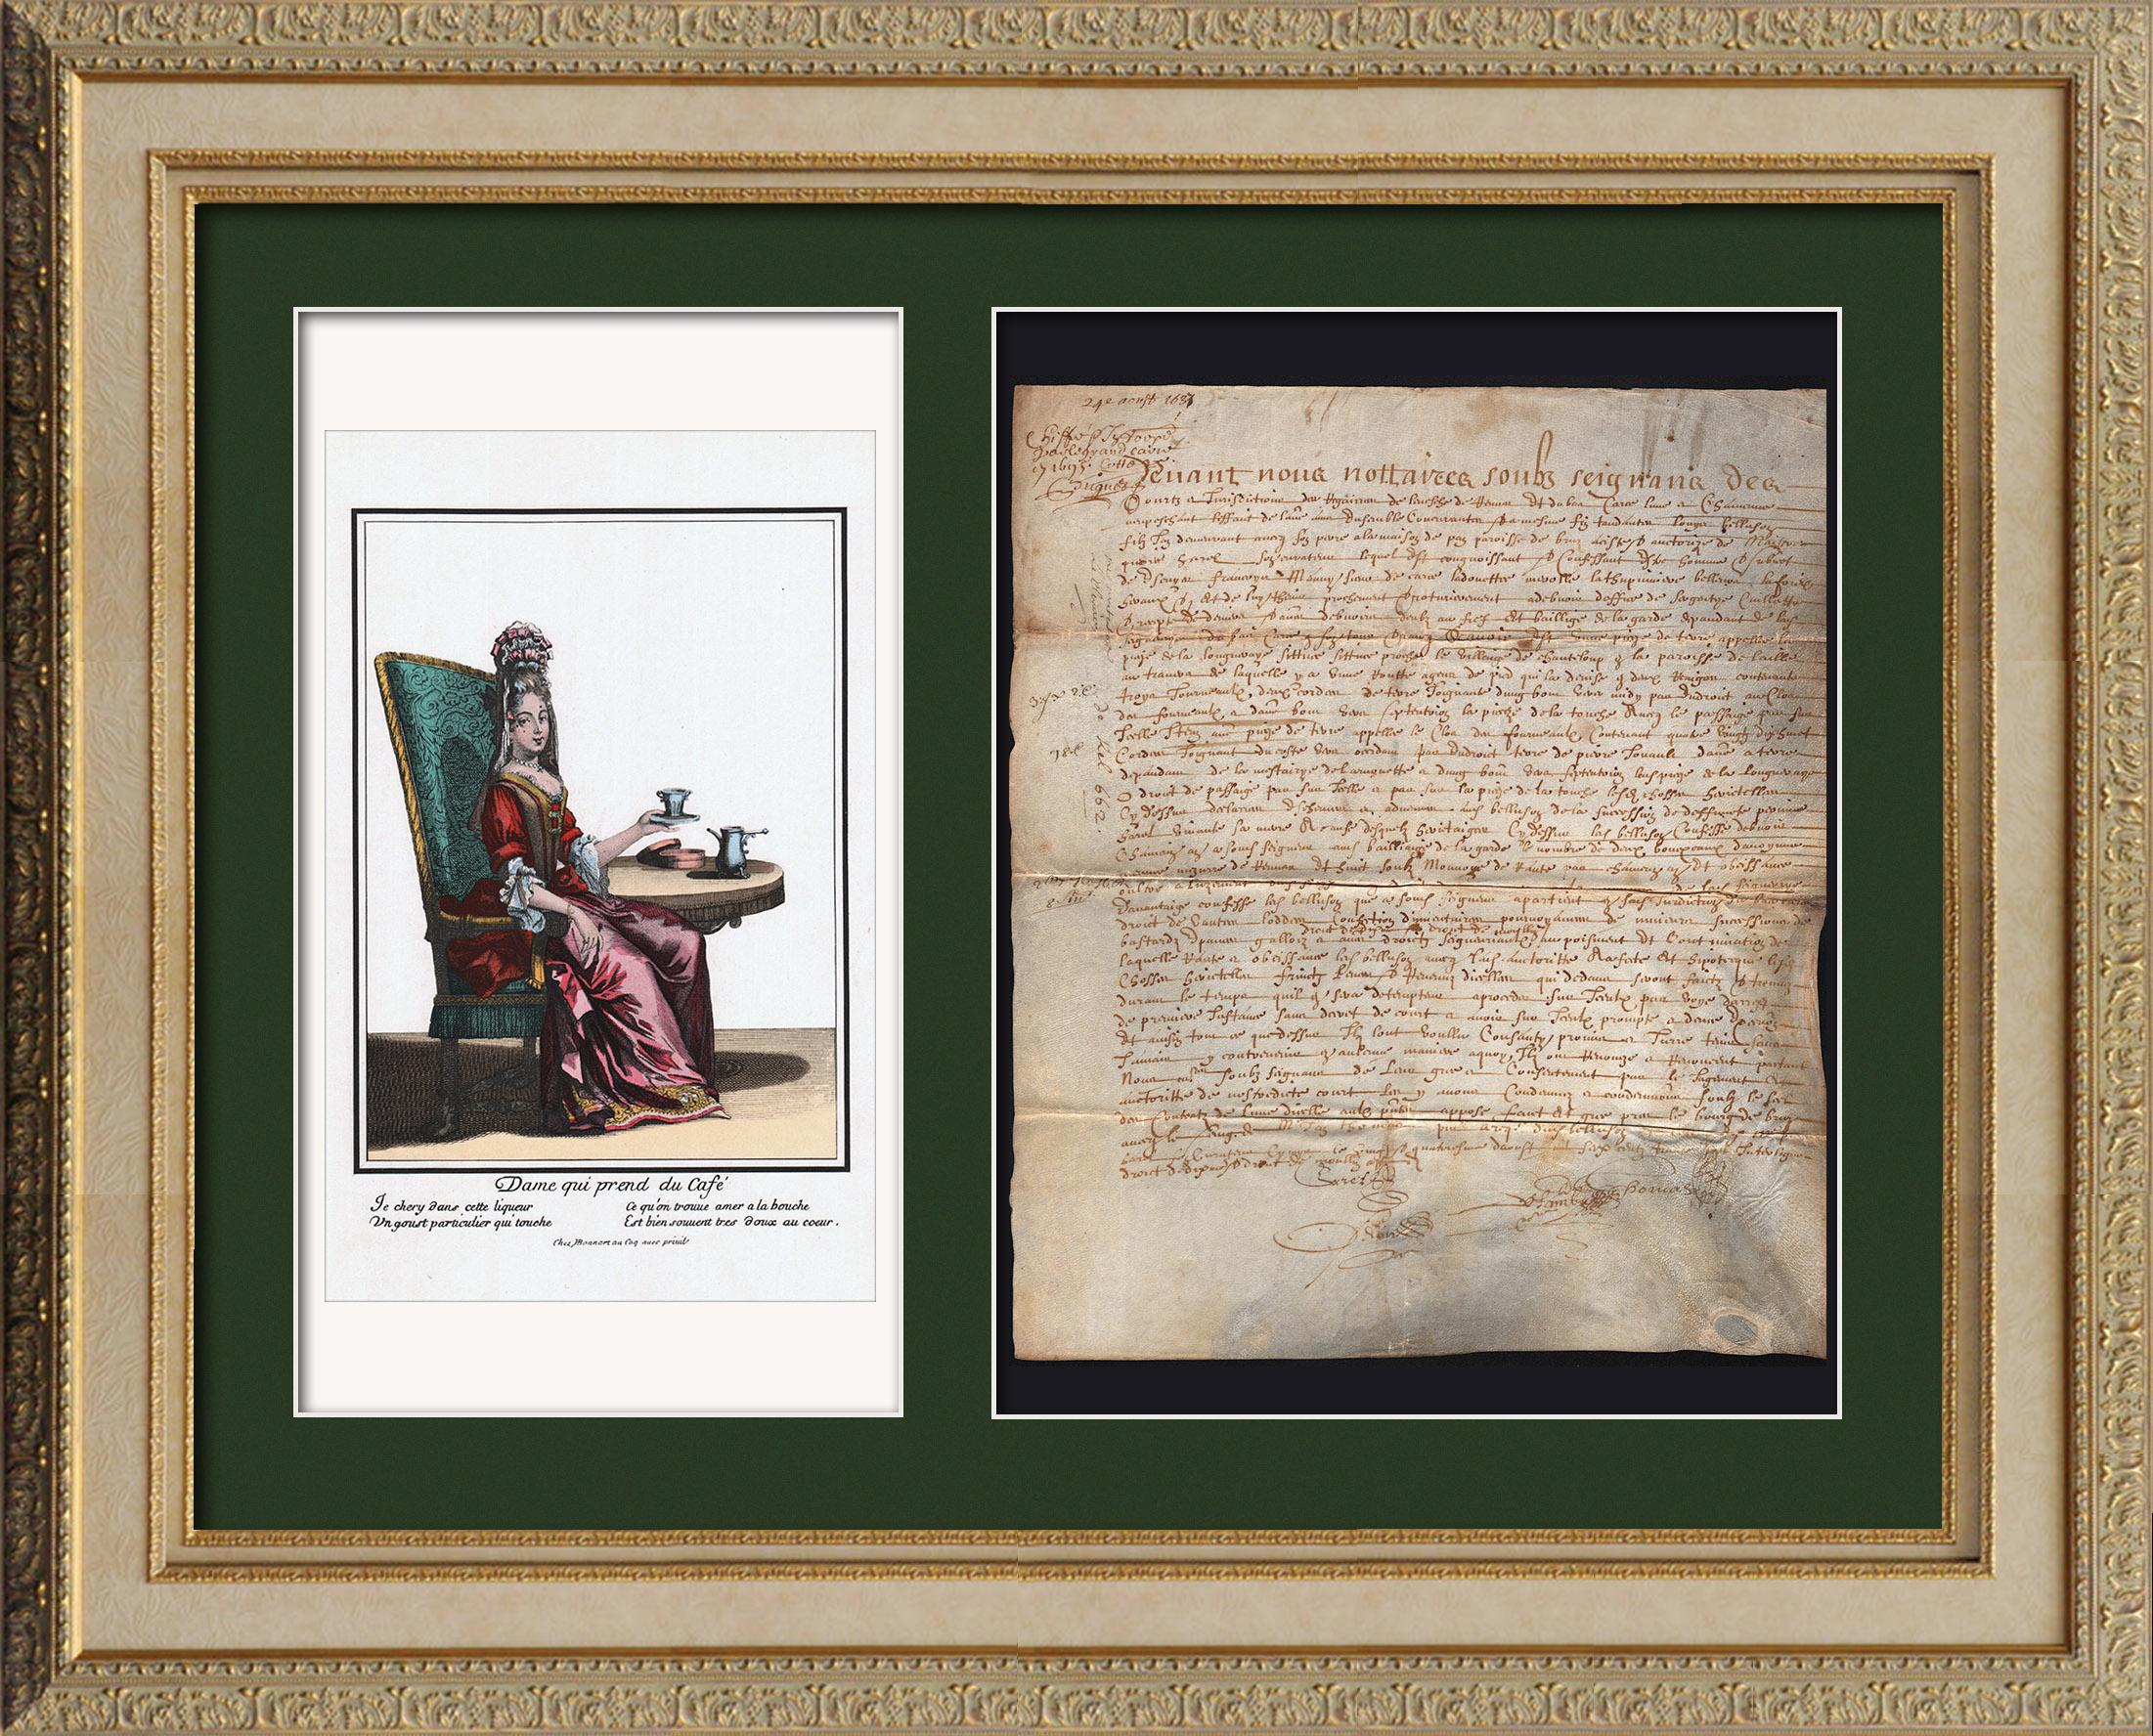 Document Historique sur Parchemin - Règne de Louis XIII de France - 1637 - France XVIIème Siècle   Document manuscrit original daté du 24 Août 1637 et gravure sur acier originale d'après Robert Bonnart